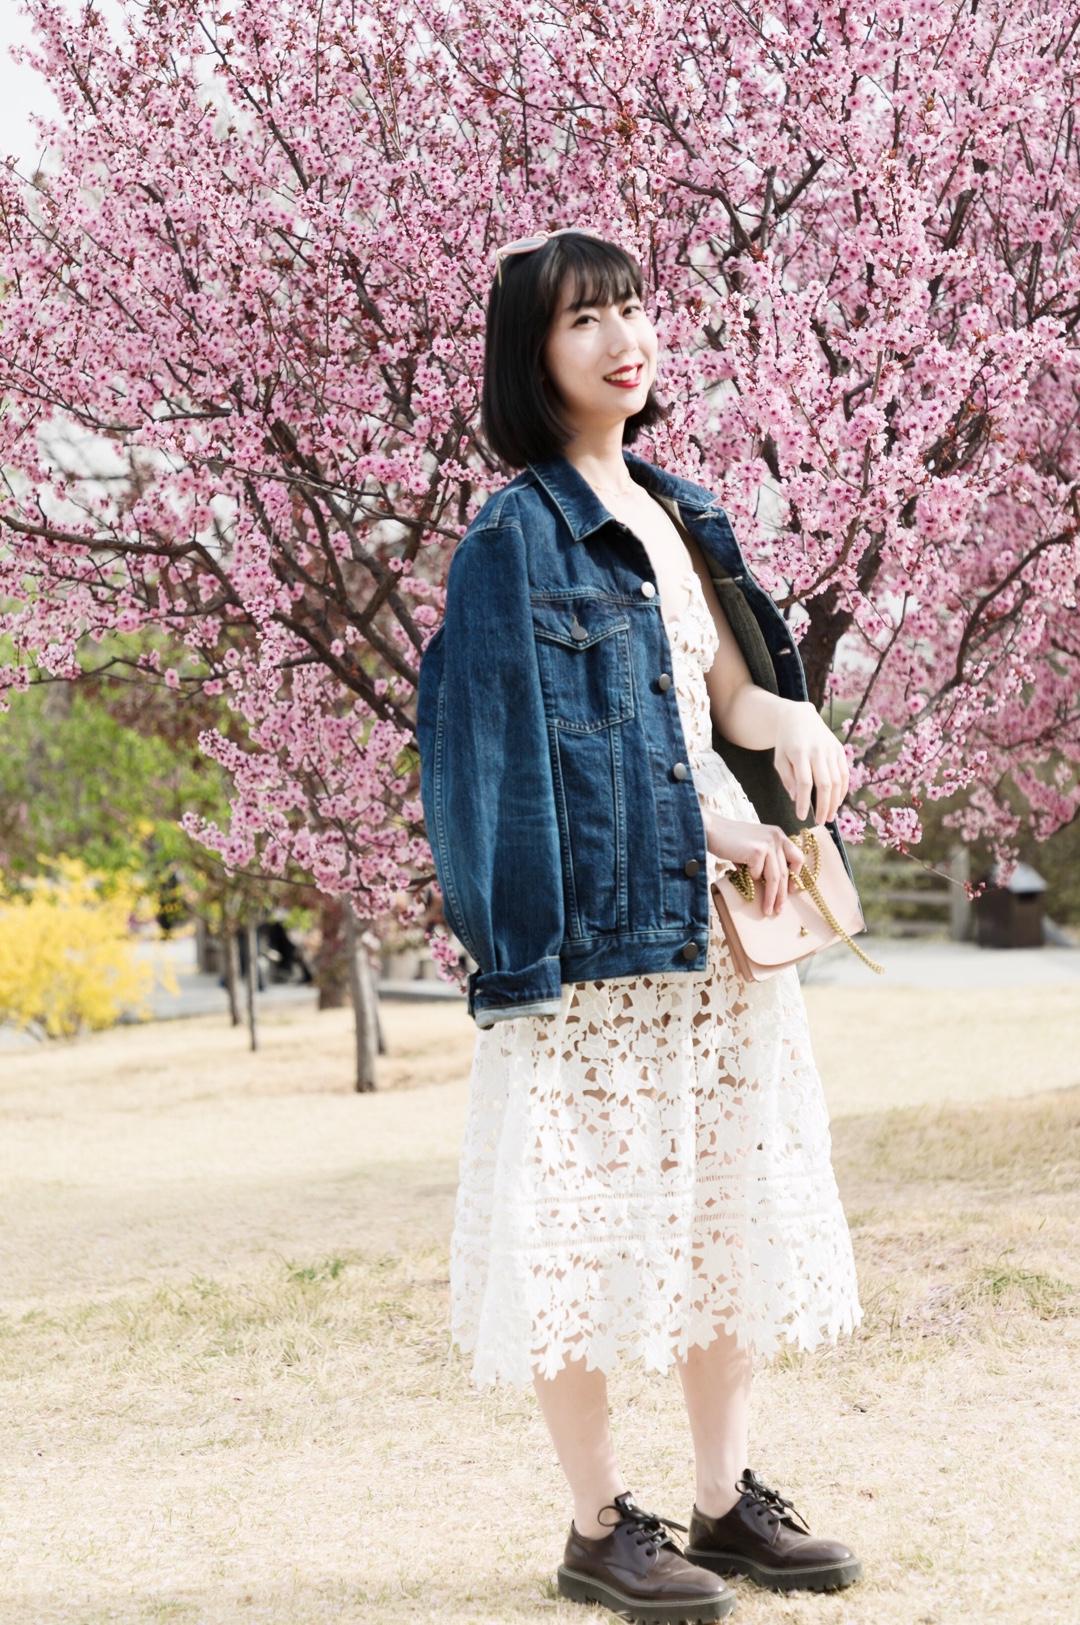 #小个子入夏穿衣指南#  入夏裙装Look来啦! 🌸蕾丝仙女裙和牛仔廓形外套的组合,最经典也是百穿不腻,这个季节特别适合~内搭的蕾丝吊带用比较酷的外套进行平衡,搭配了比较硬朗的皮鞋,整体不至于很甜腻。 🌸包包是粉色,与墨镜同色系,也是比较适合甜甜的春日~